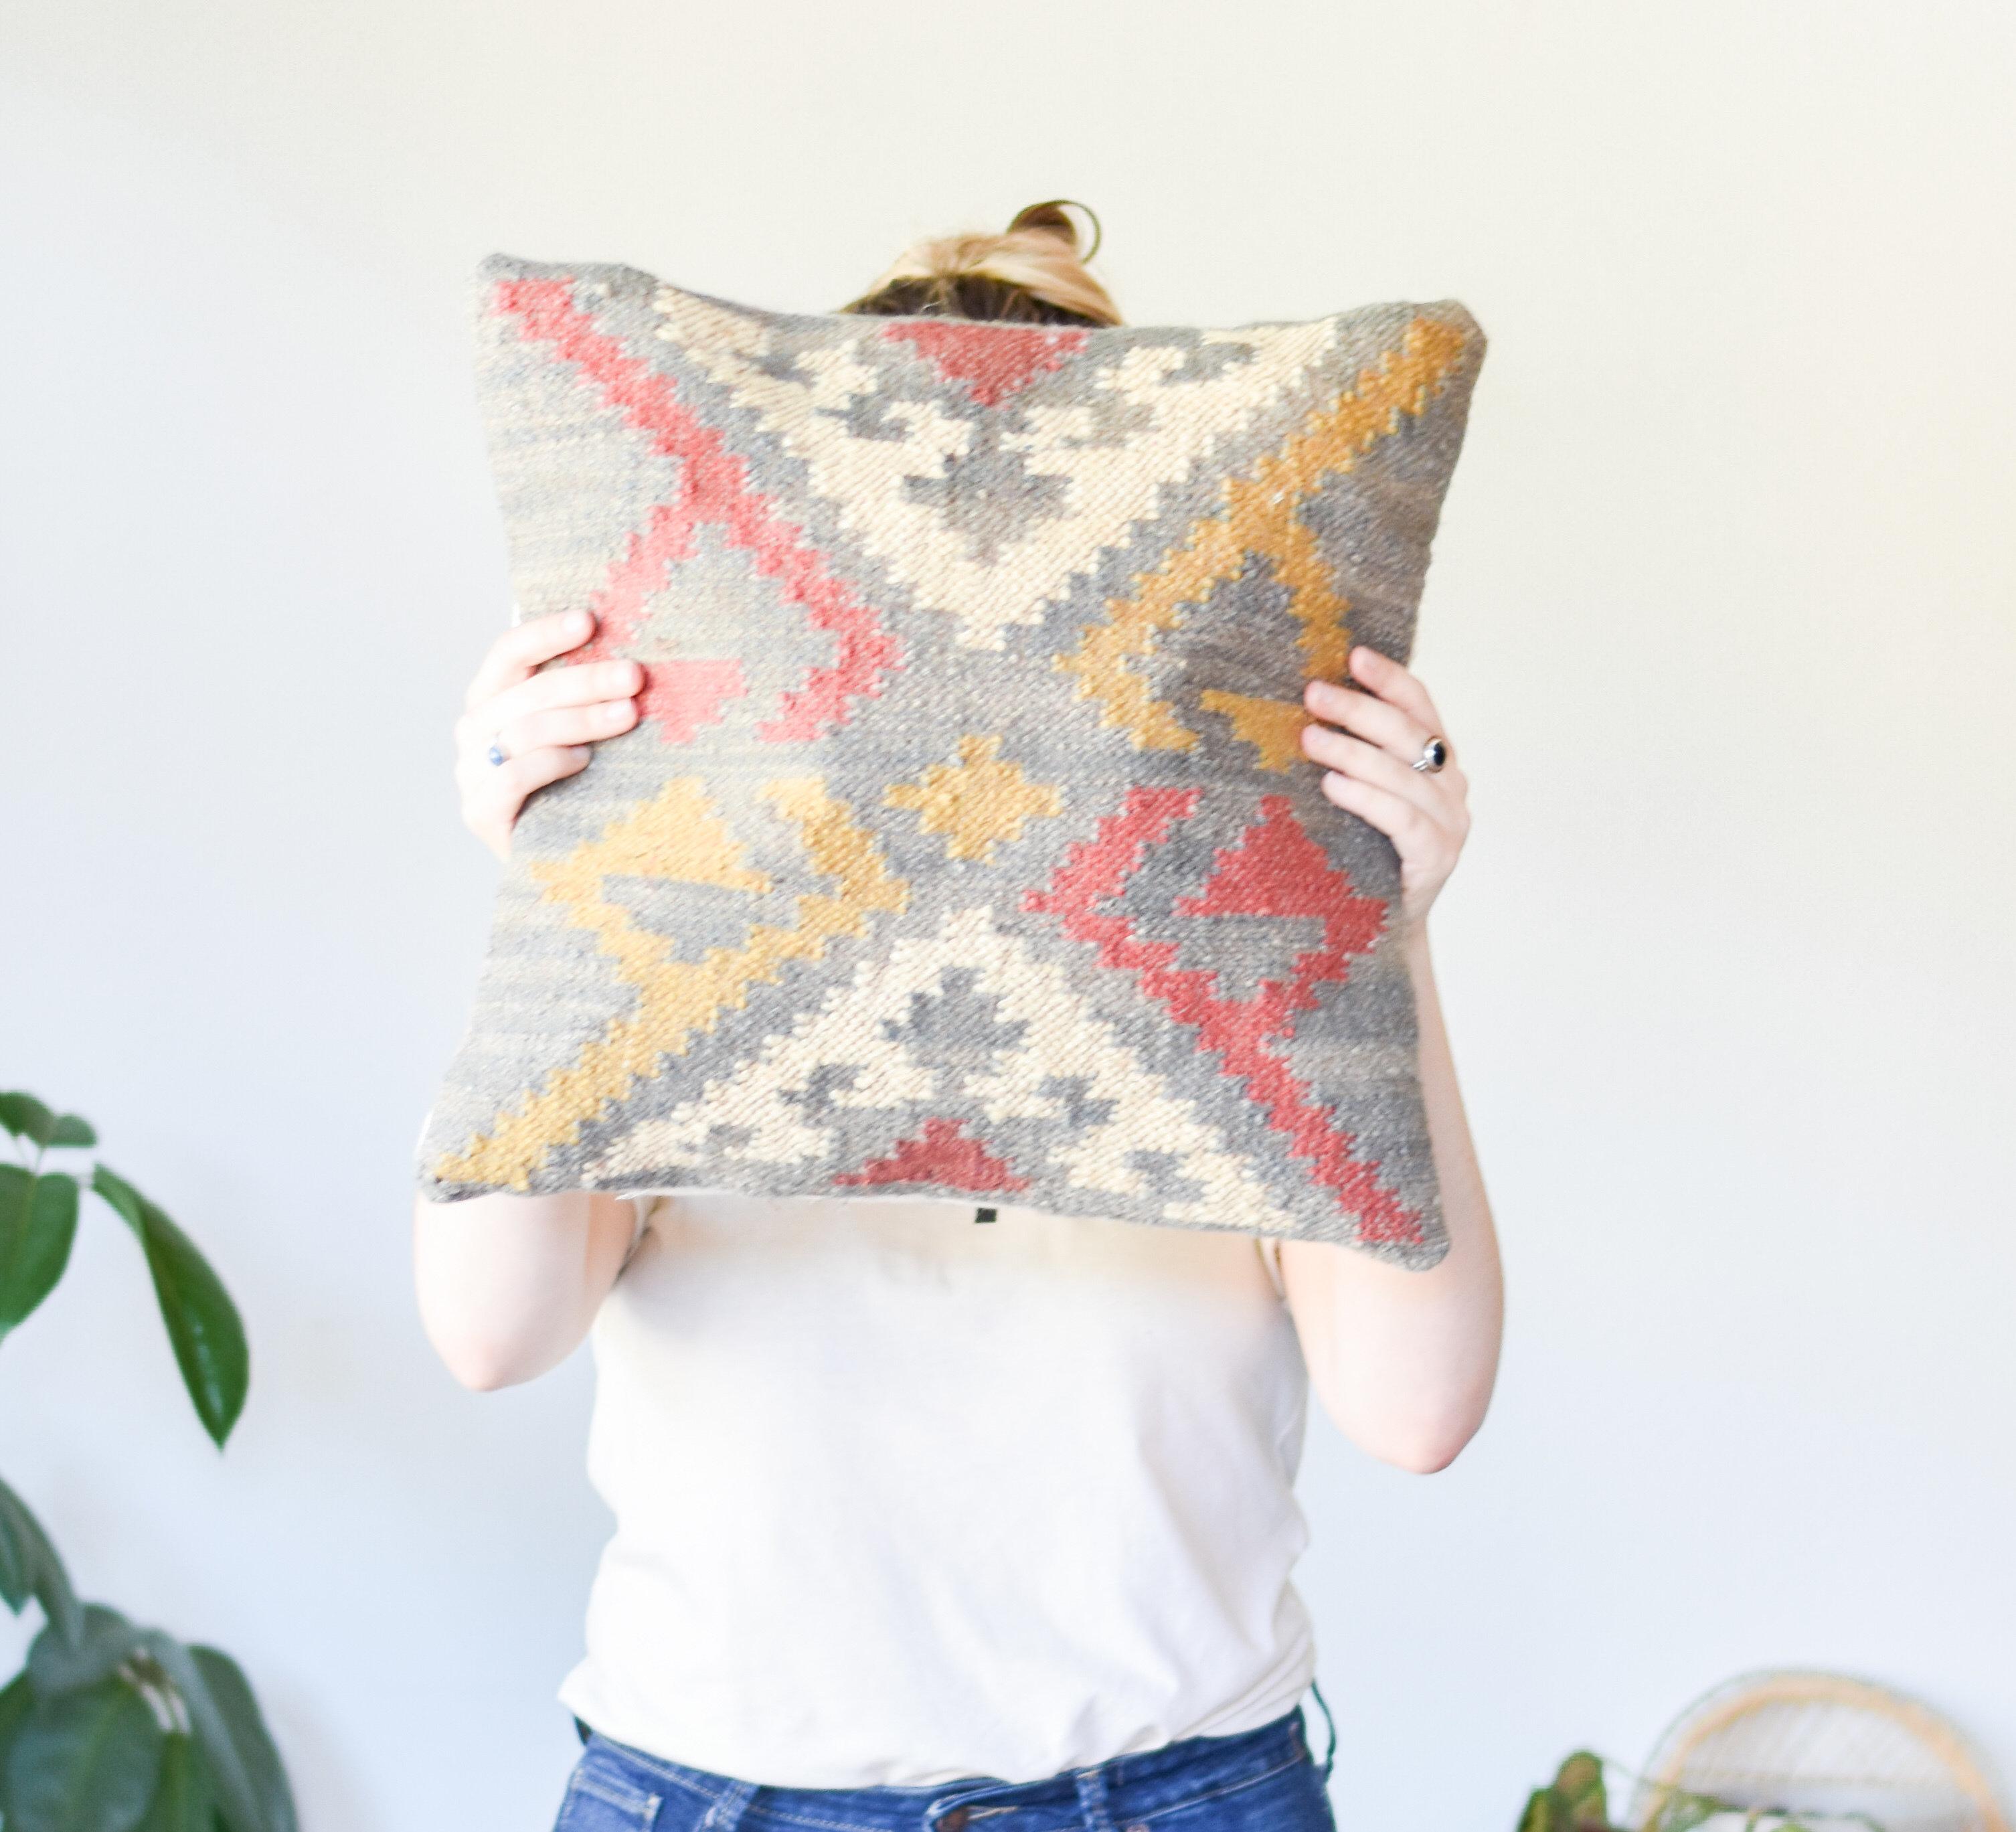 Square Kilim Pillows